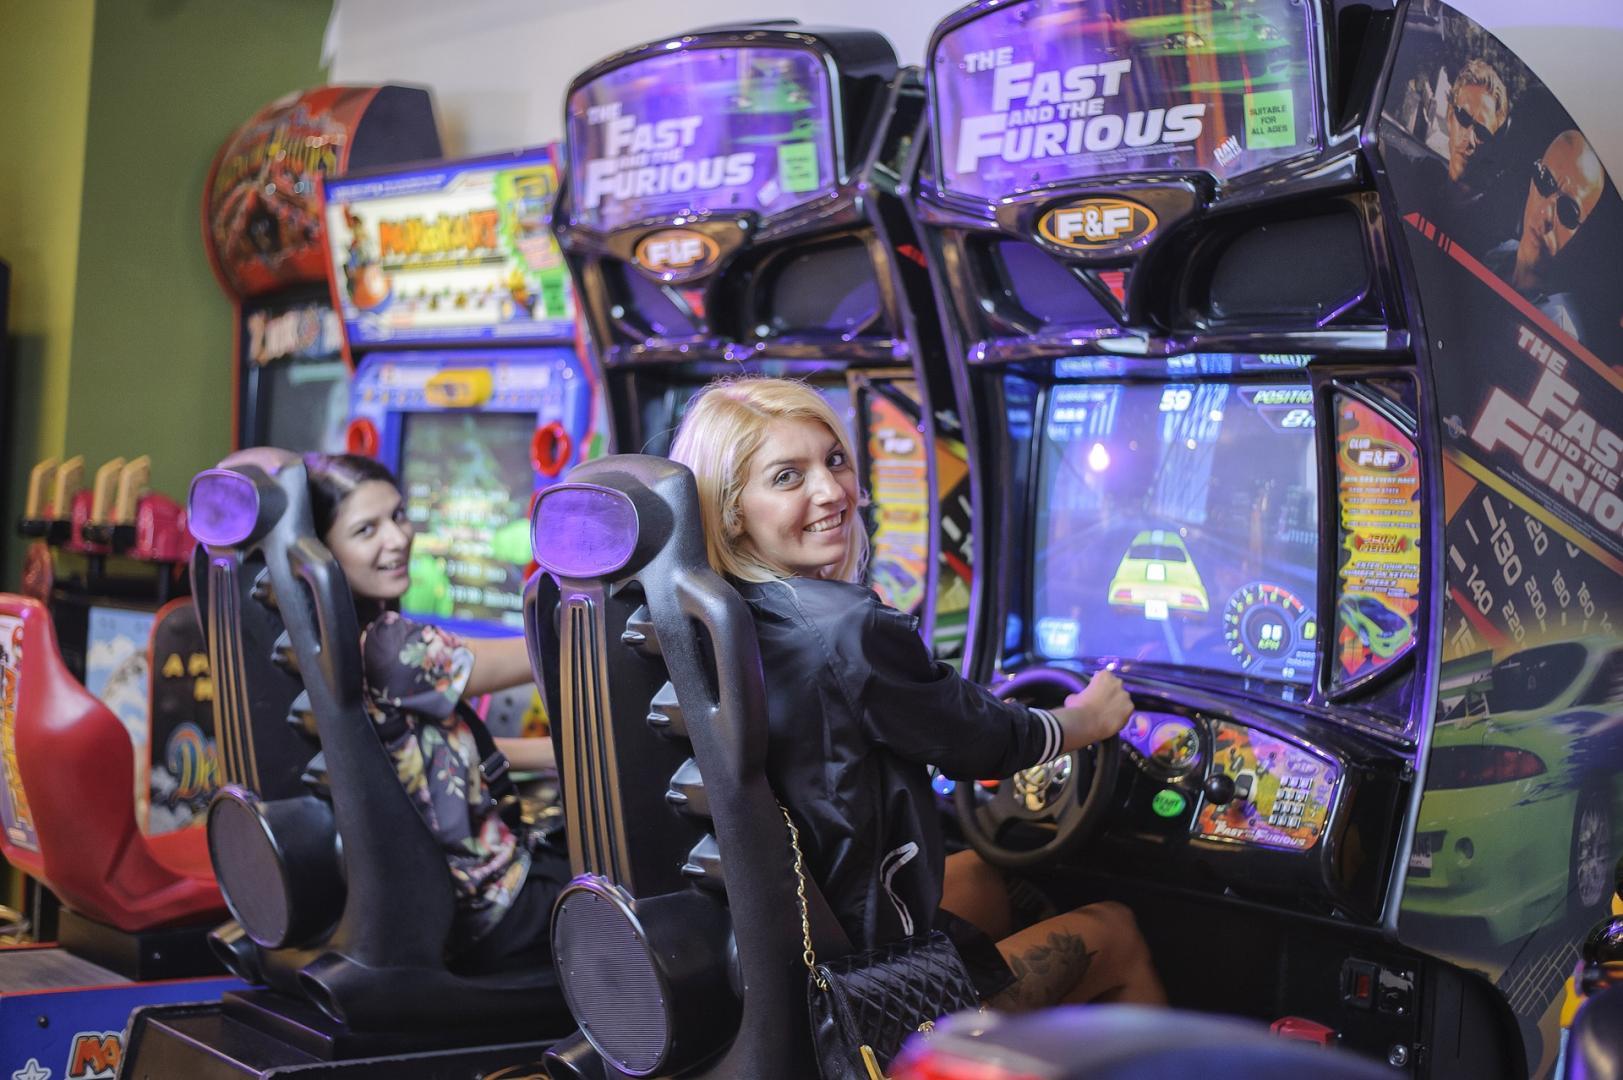 Facebook Gewinnspiele, Adventskalender Gewinnspiele oder Automatenspiele online: Wo sind die Gewinnchancen am besten?